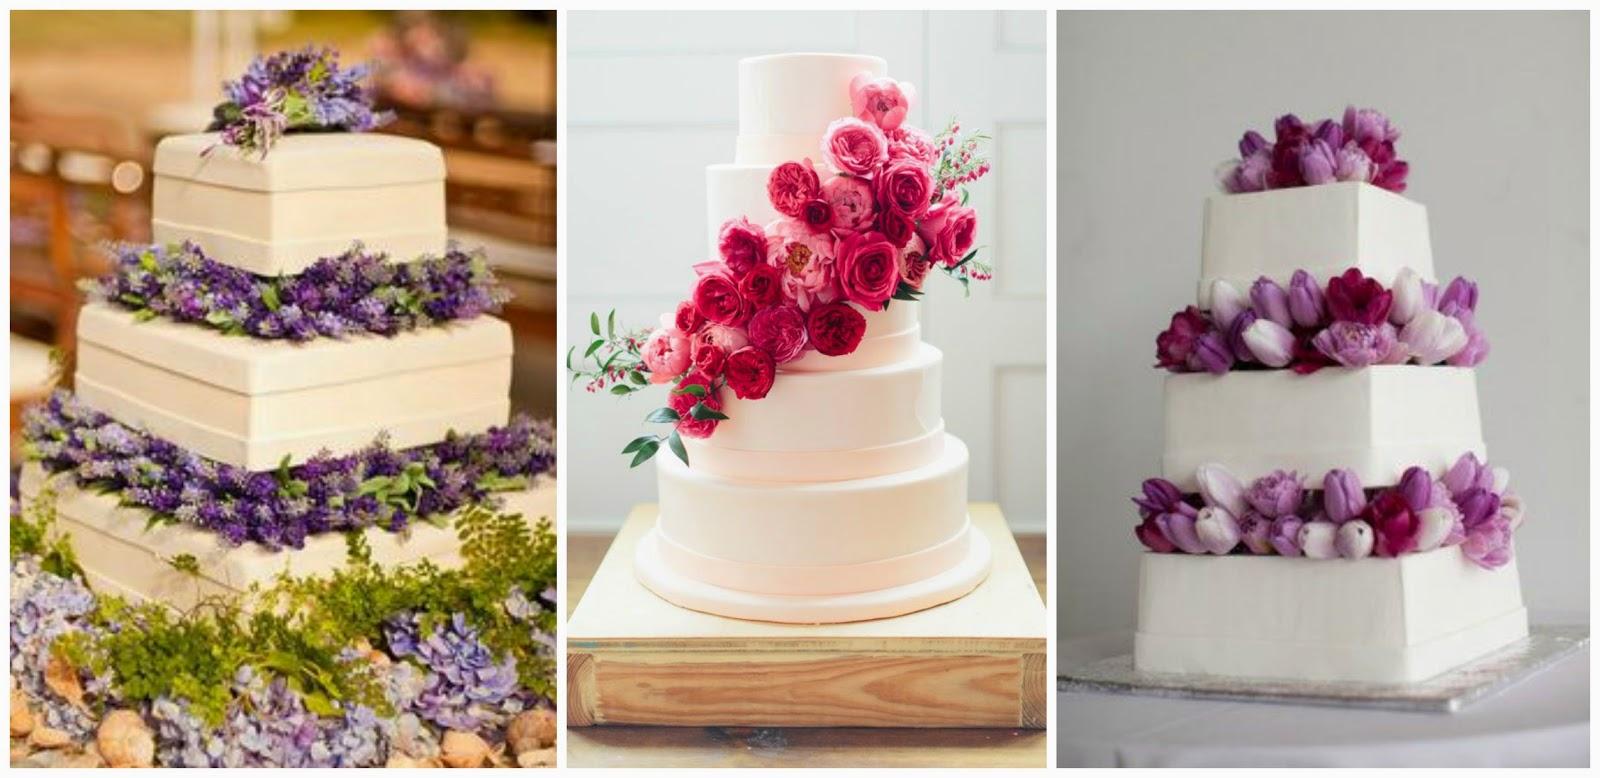 Torte di nozze con fiori freschi